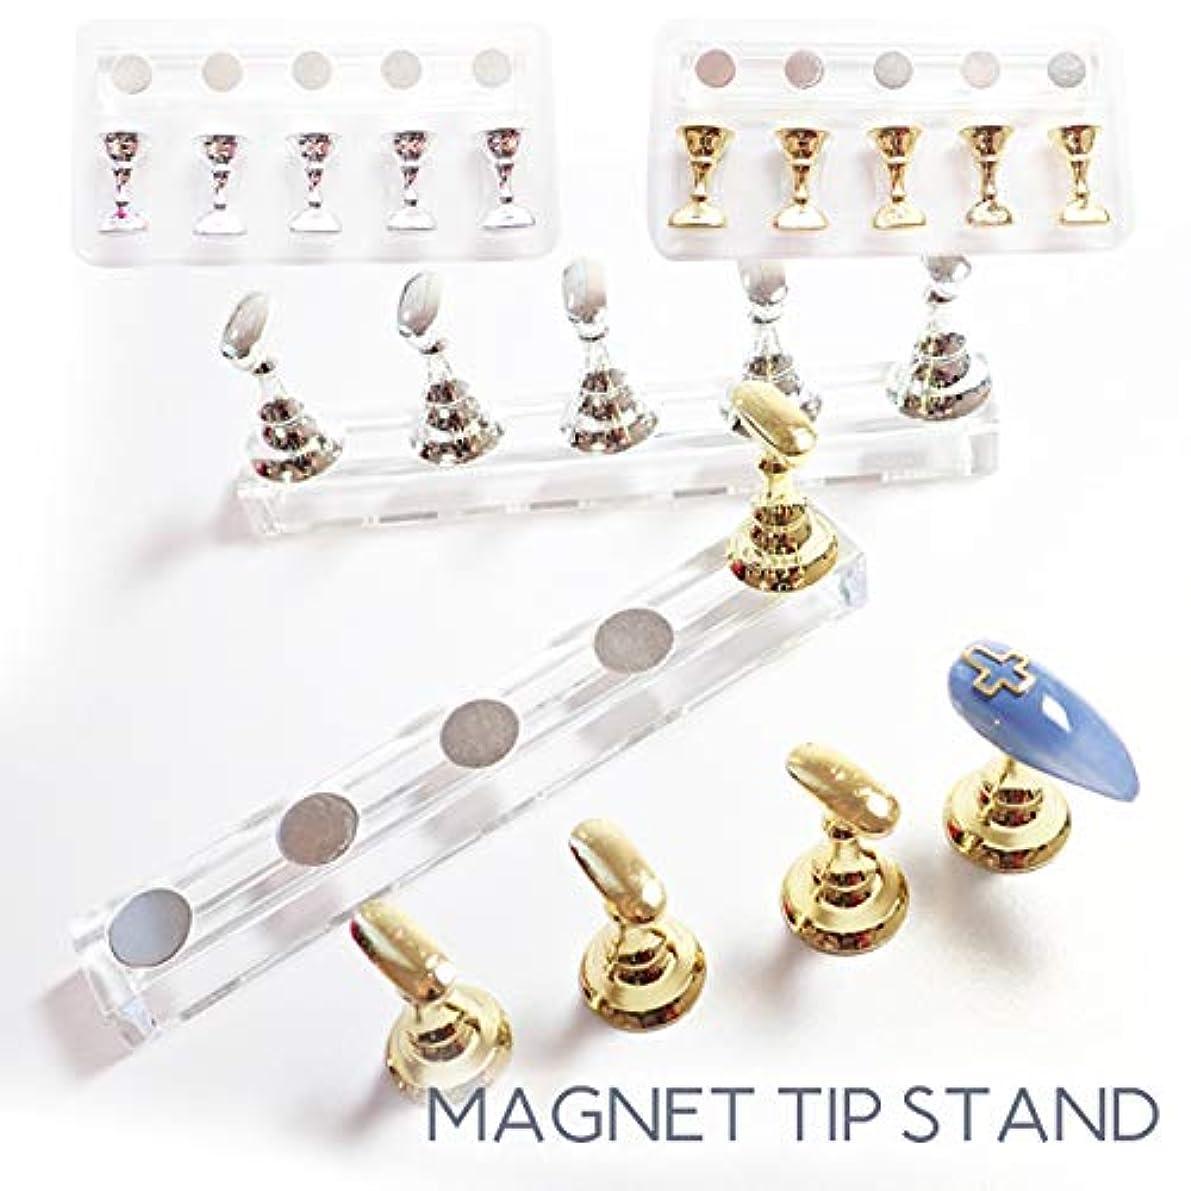 牧師爵カーテンマグネットチップスタンド マグネット式 クリア 軽量 シンプル チップ製作 チップ立て チップ台 治具 チップスタンド (ゴールド)